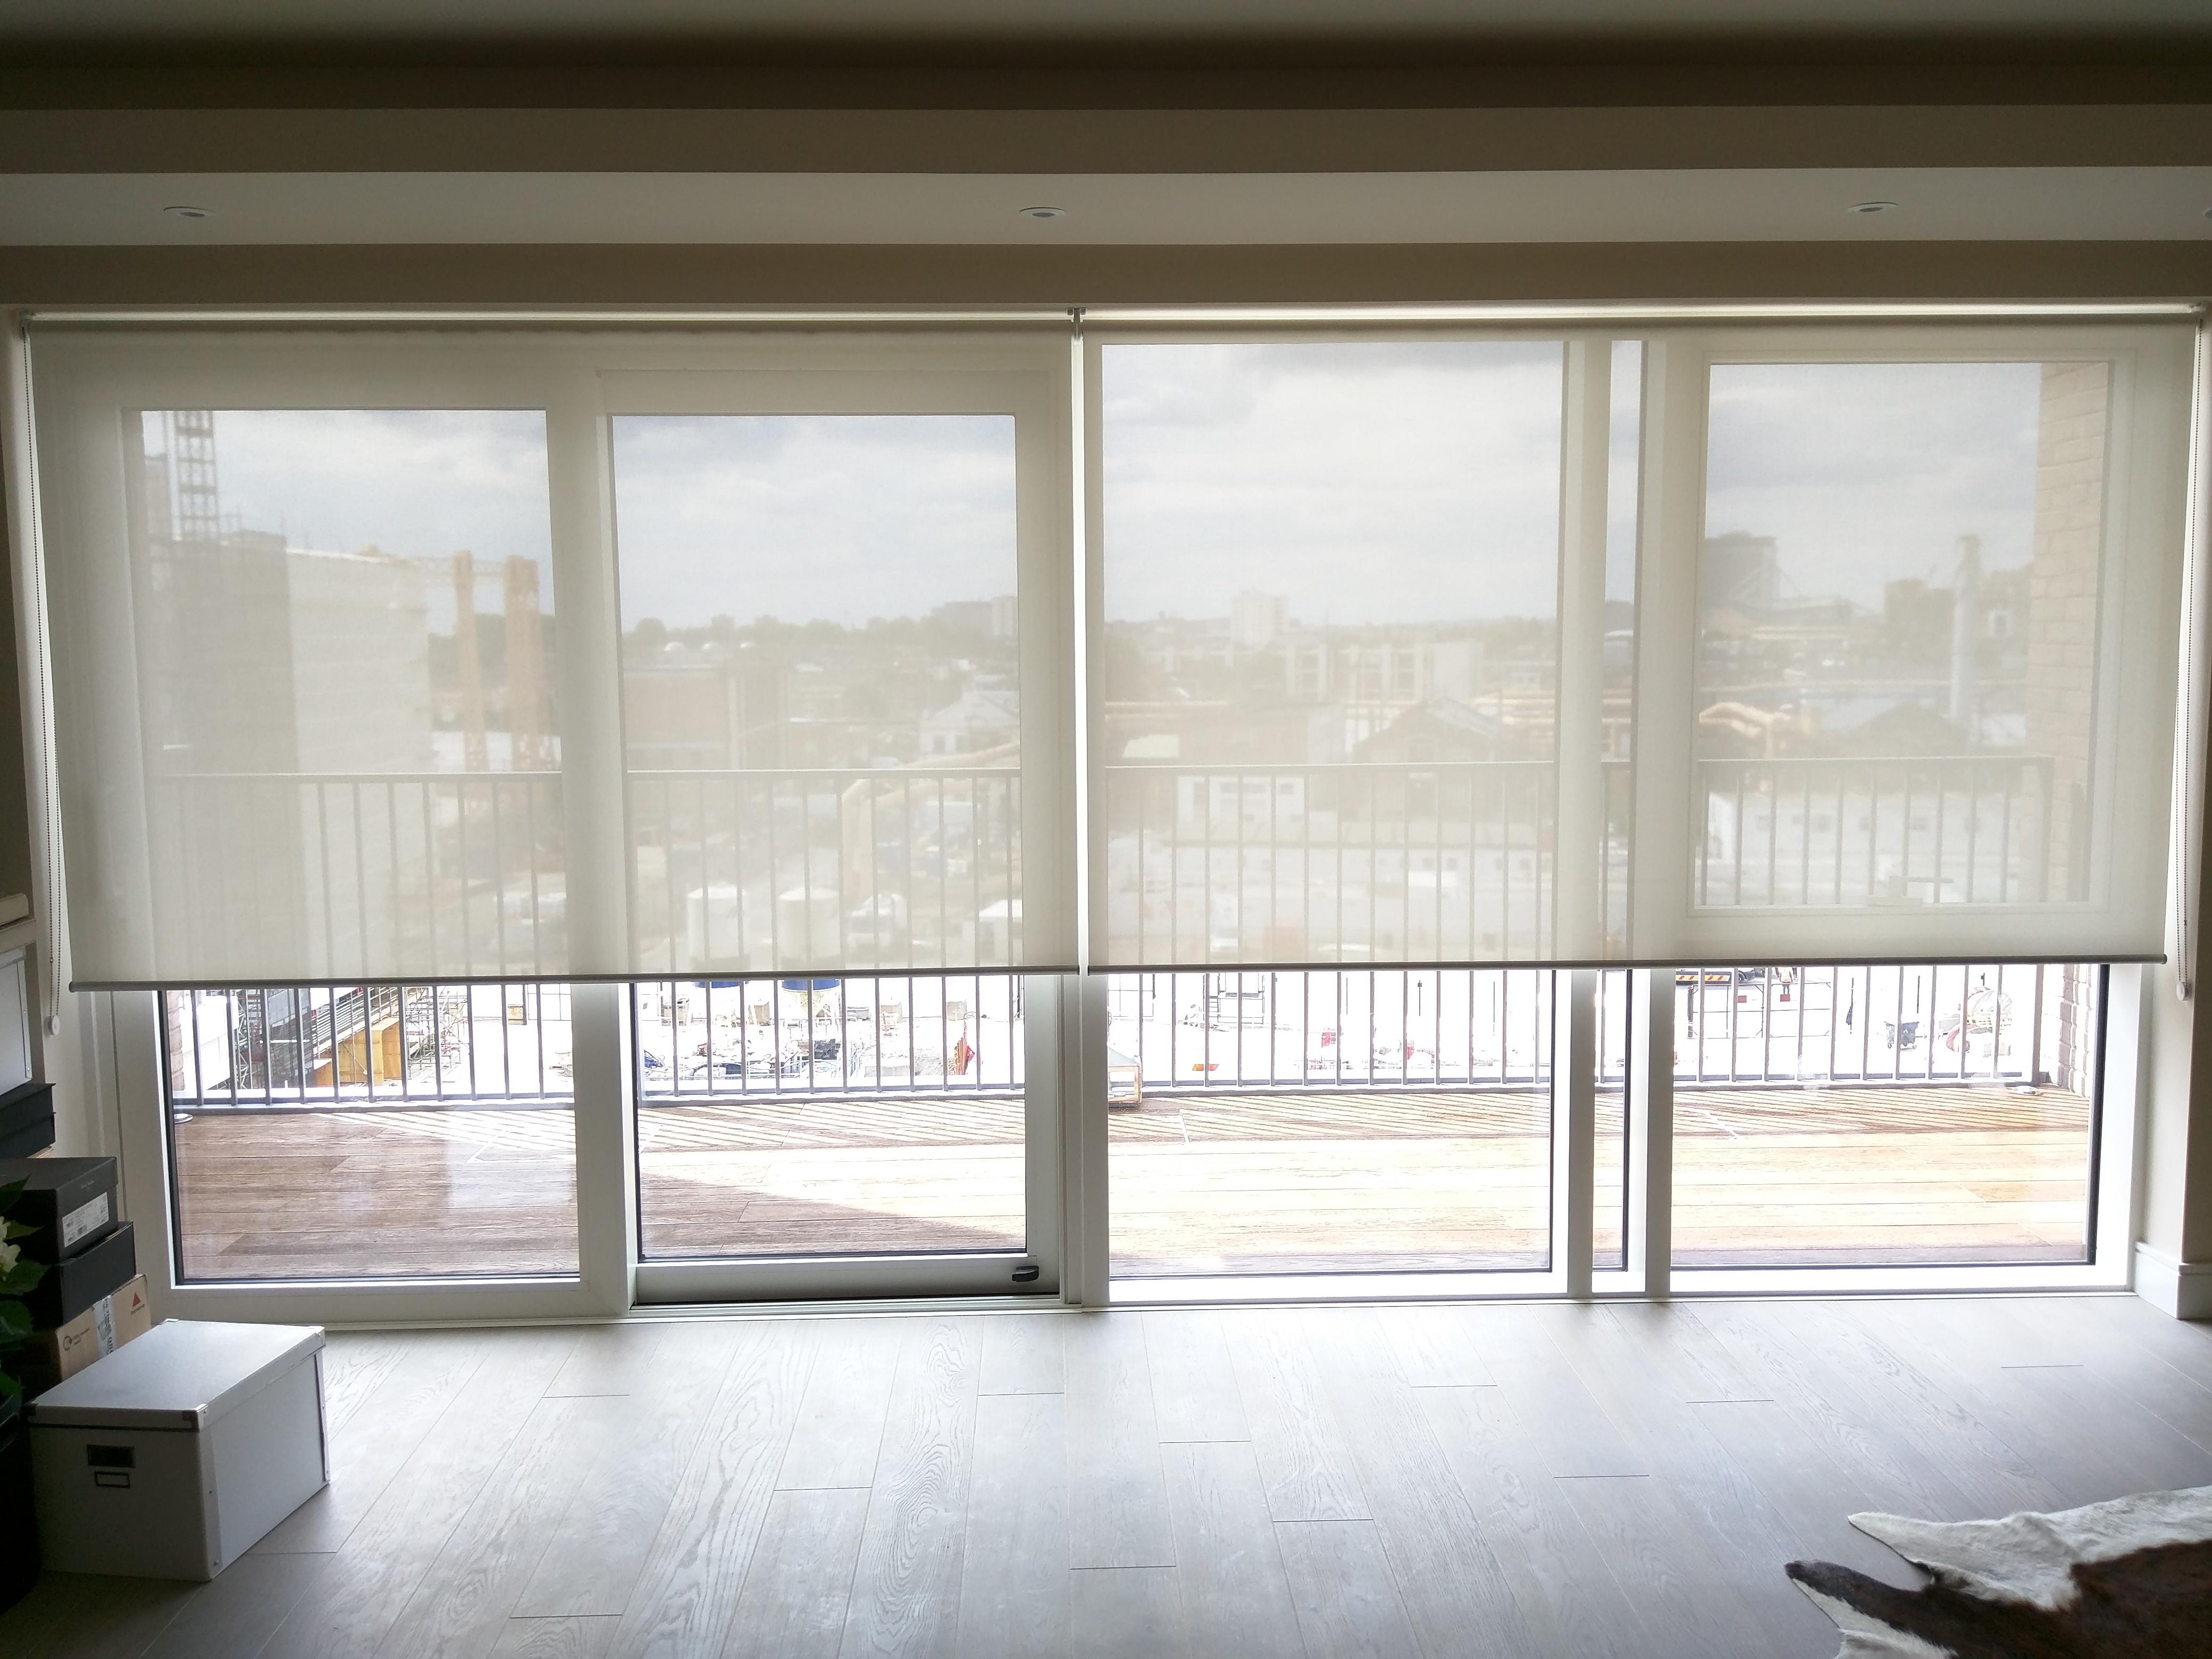 Suns screen roller blinds